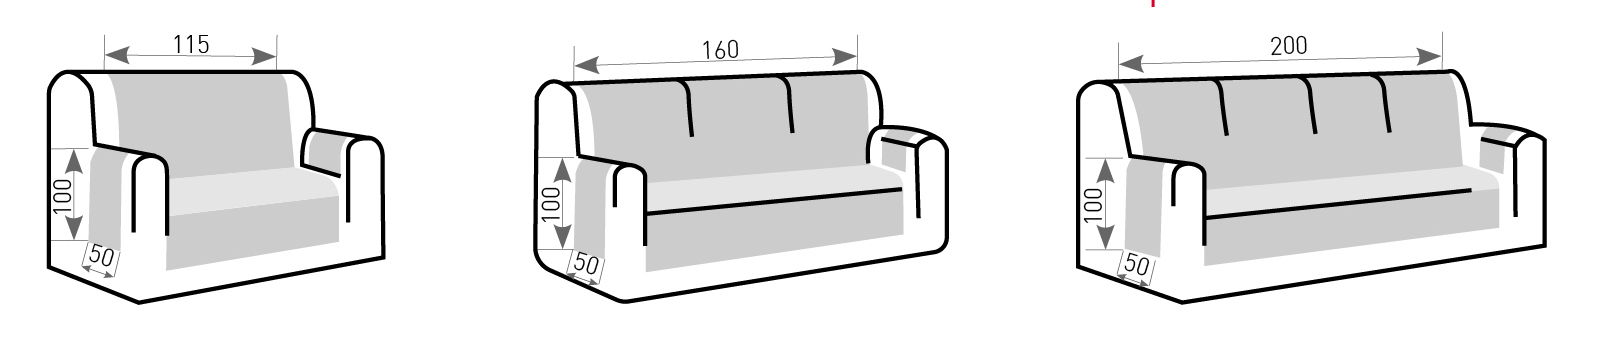 medidas-cubre-sofa-.jpg